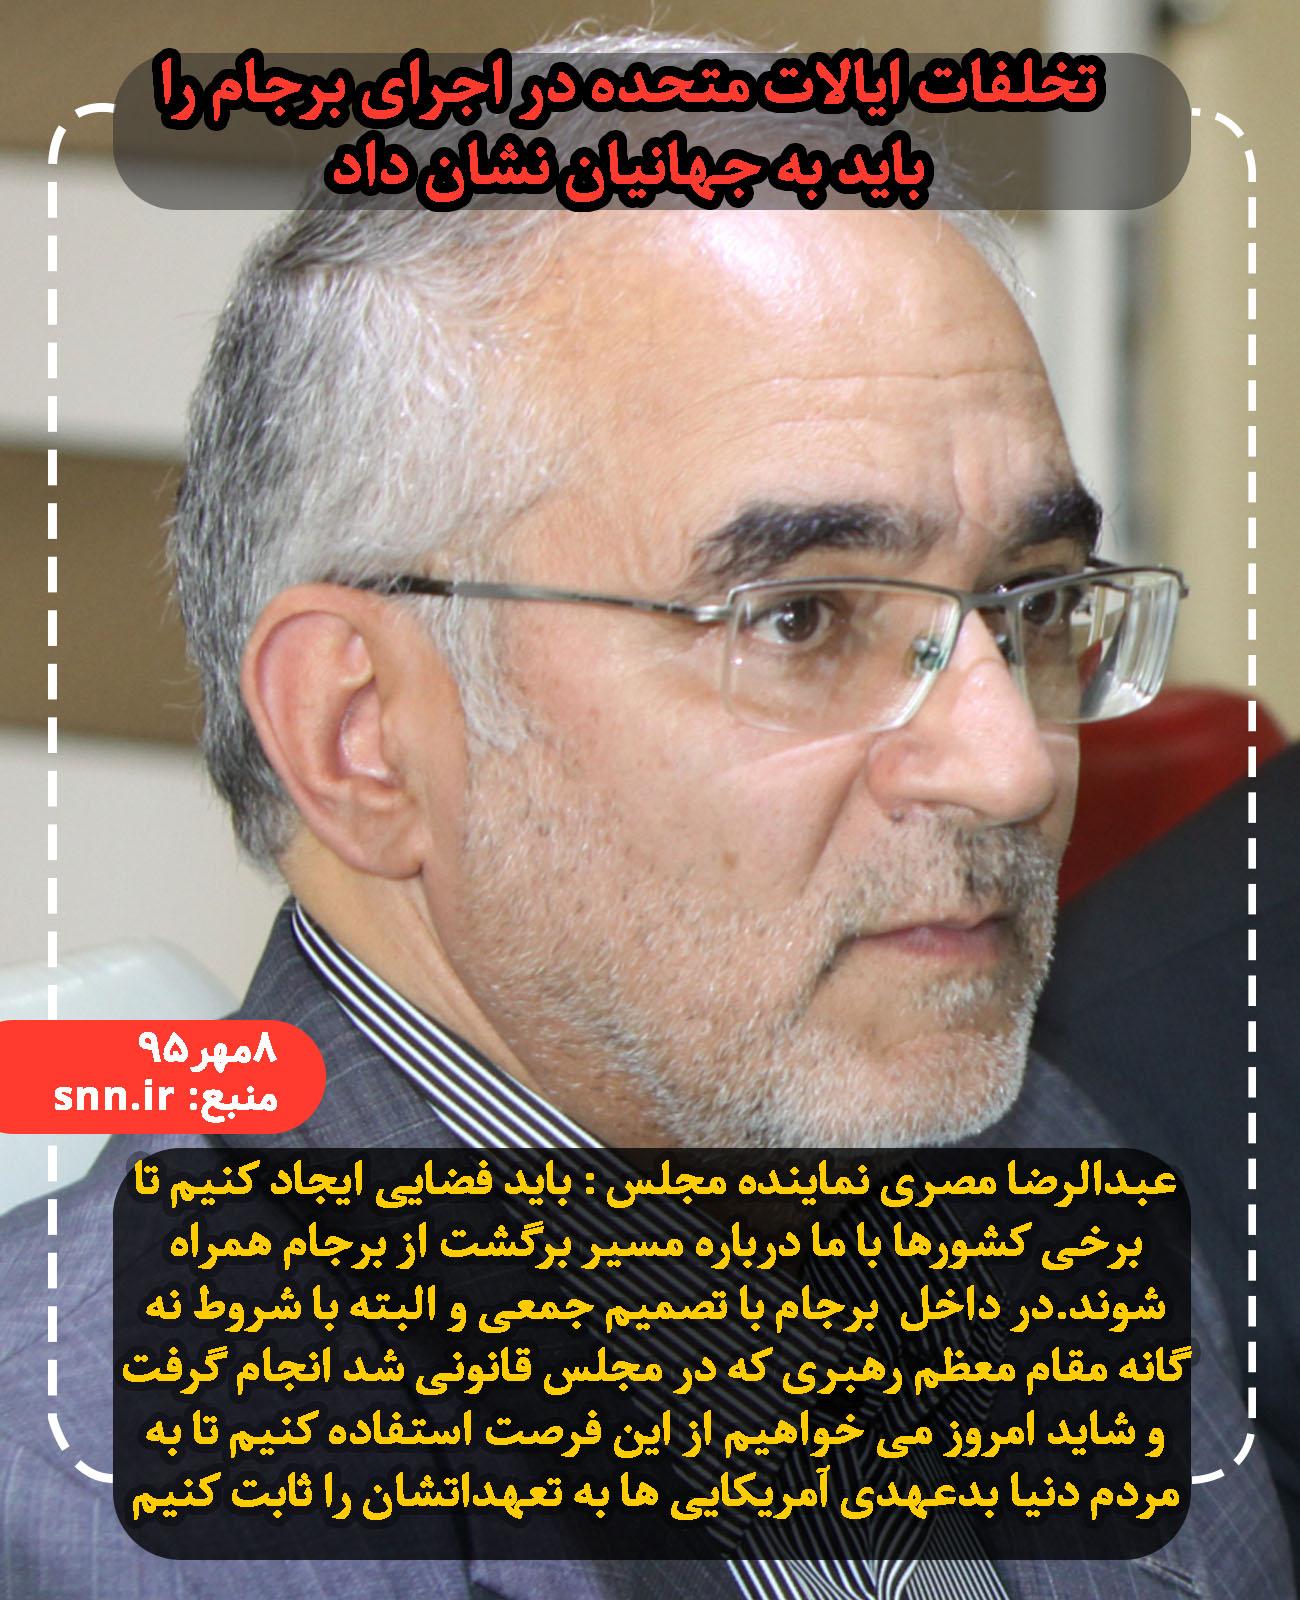 عبدالرضا مصری :تخلفات ایالات متحده در اجرای برجام را باید به جهانیان نشان داد